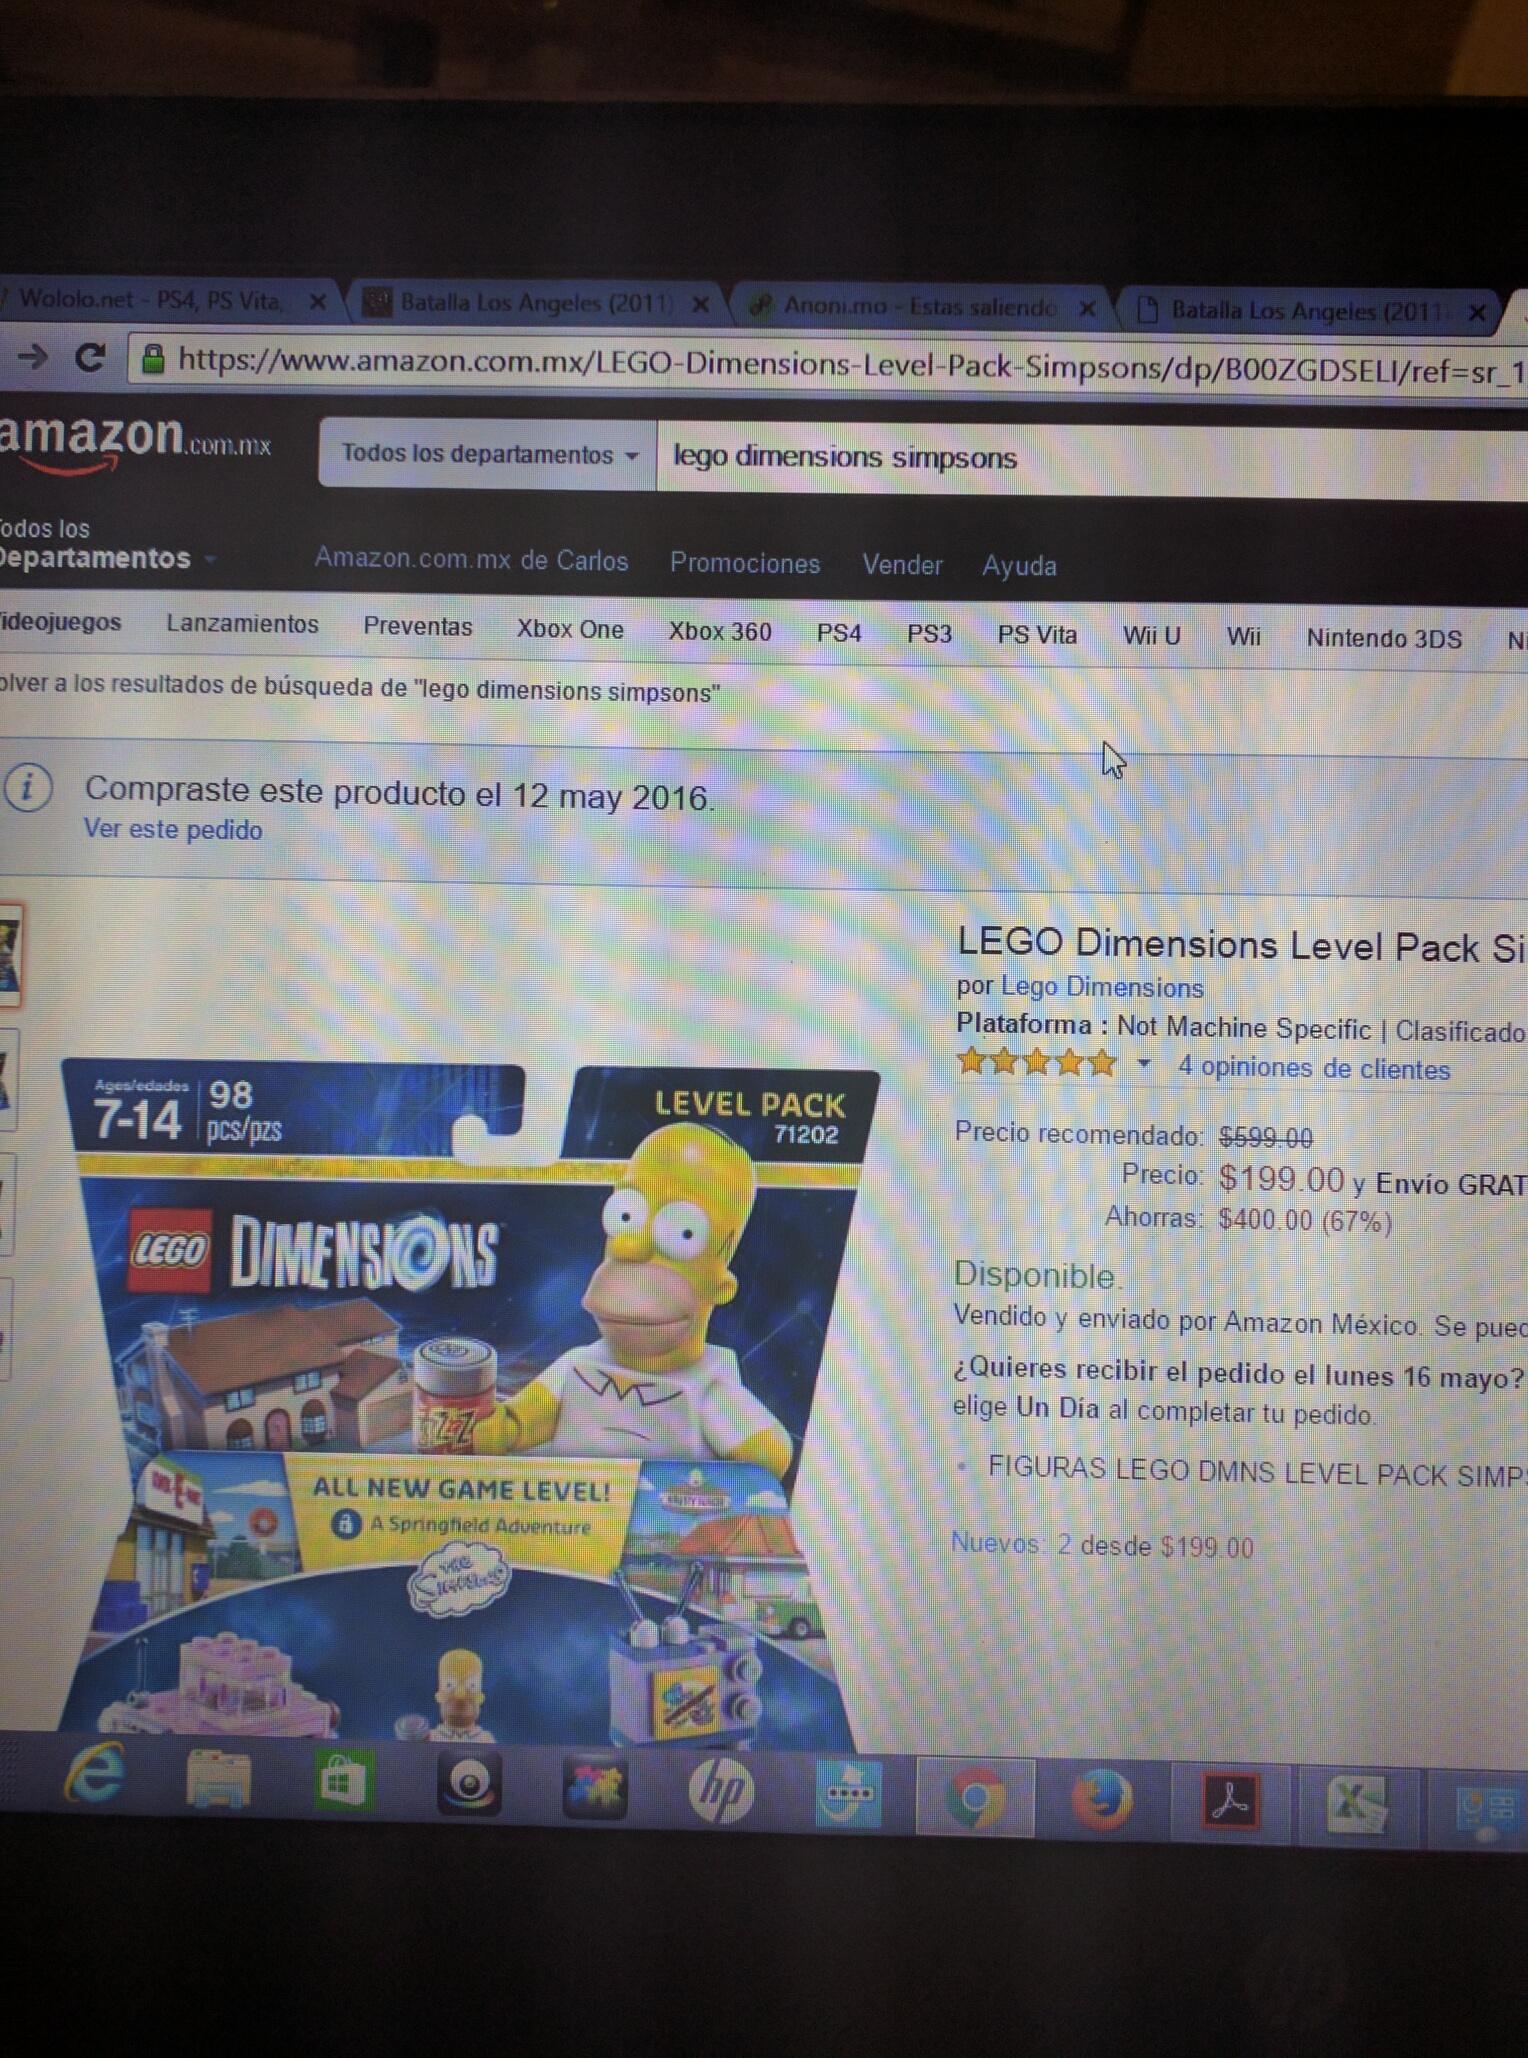 Amazon México: Level pack Simpsons Lego Dimensions hasta ahora el precio más bajo.